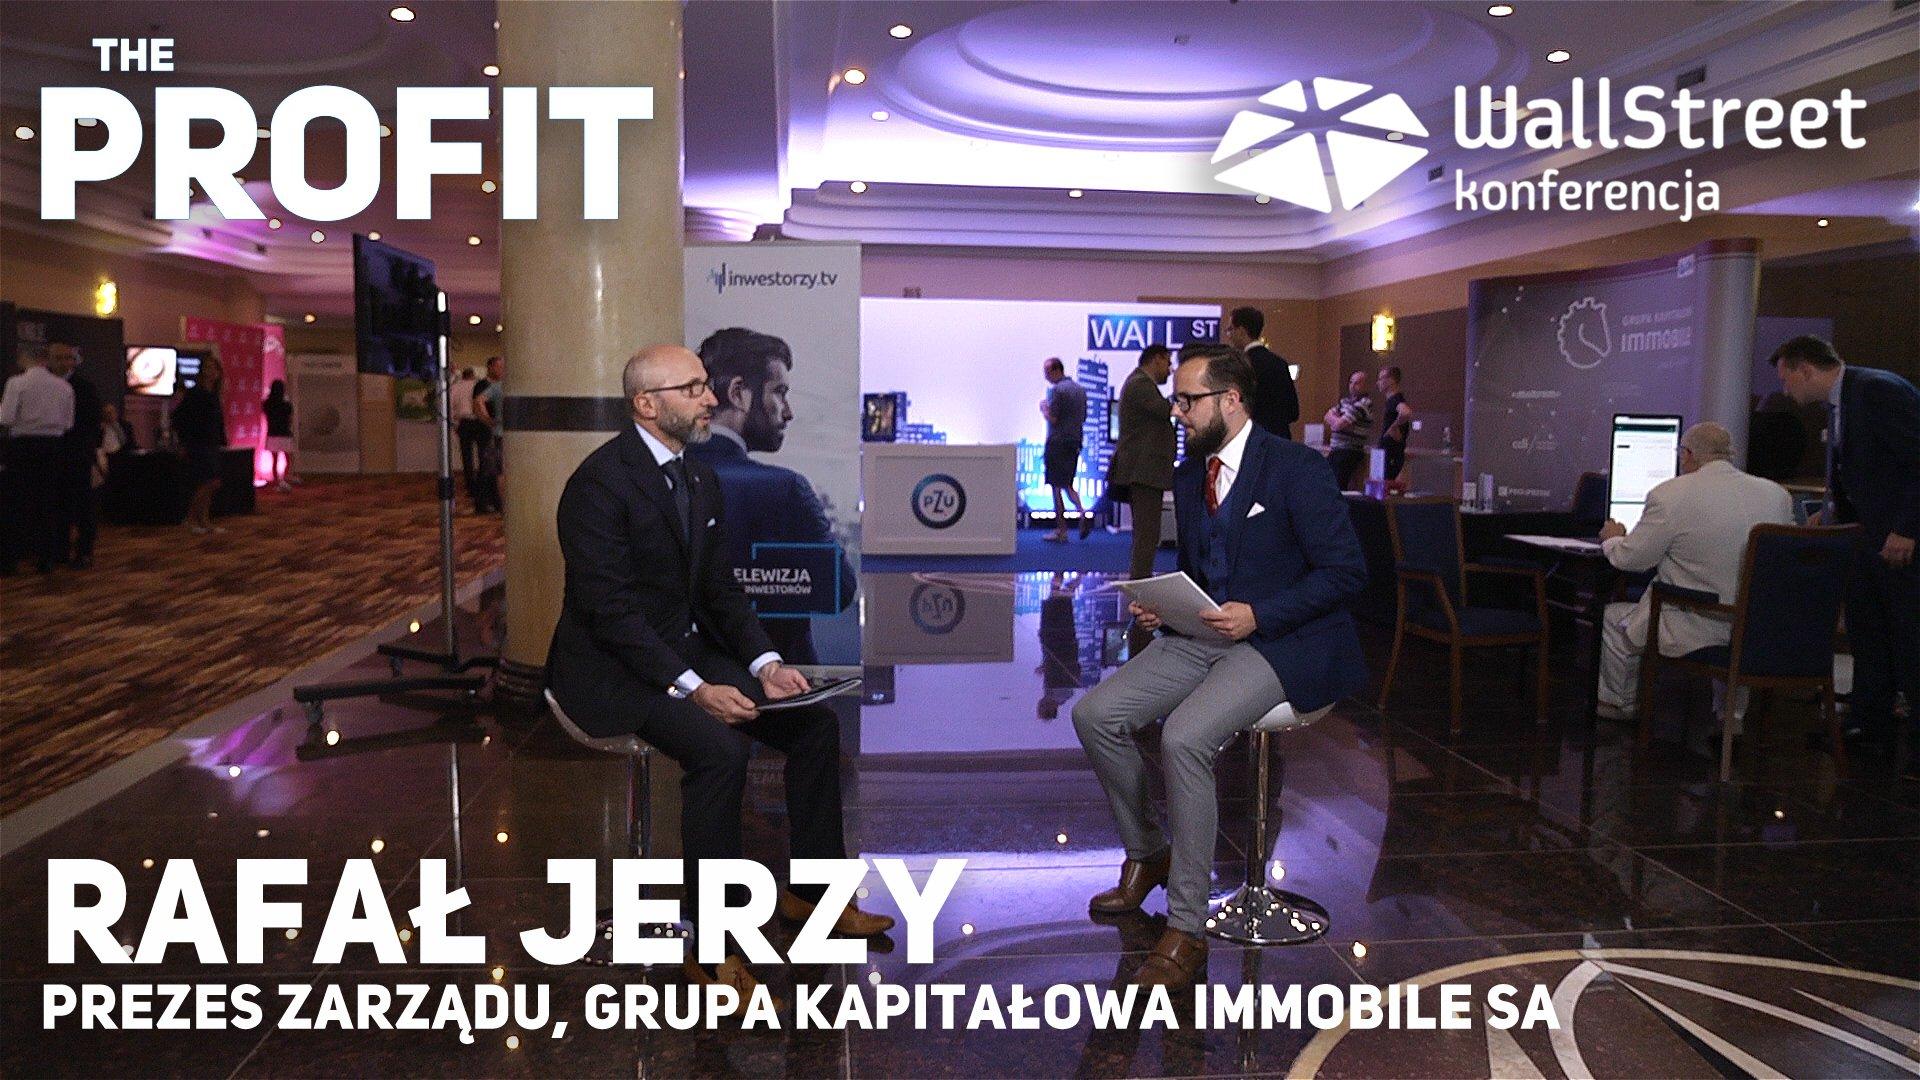 Prezes Rafał Jerzy w rozmowie z Marcinem Gawędą (video)